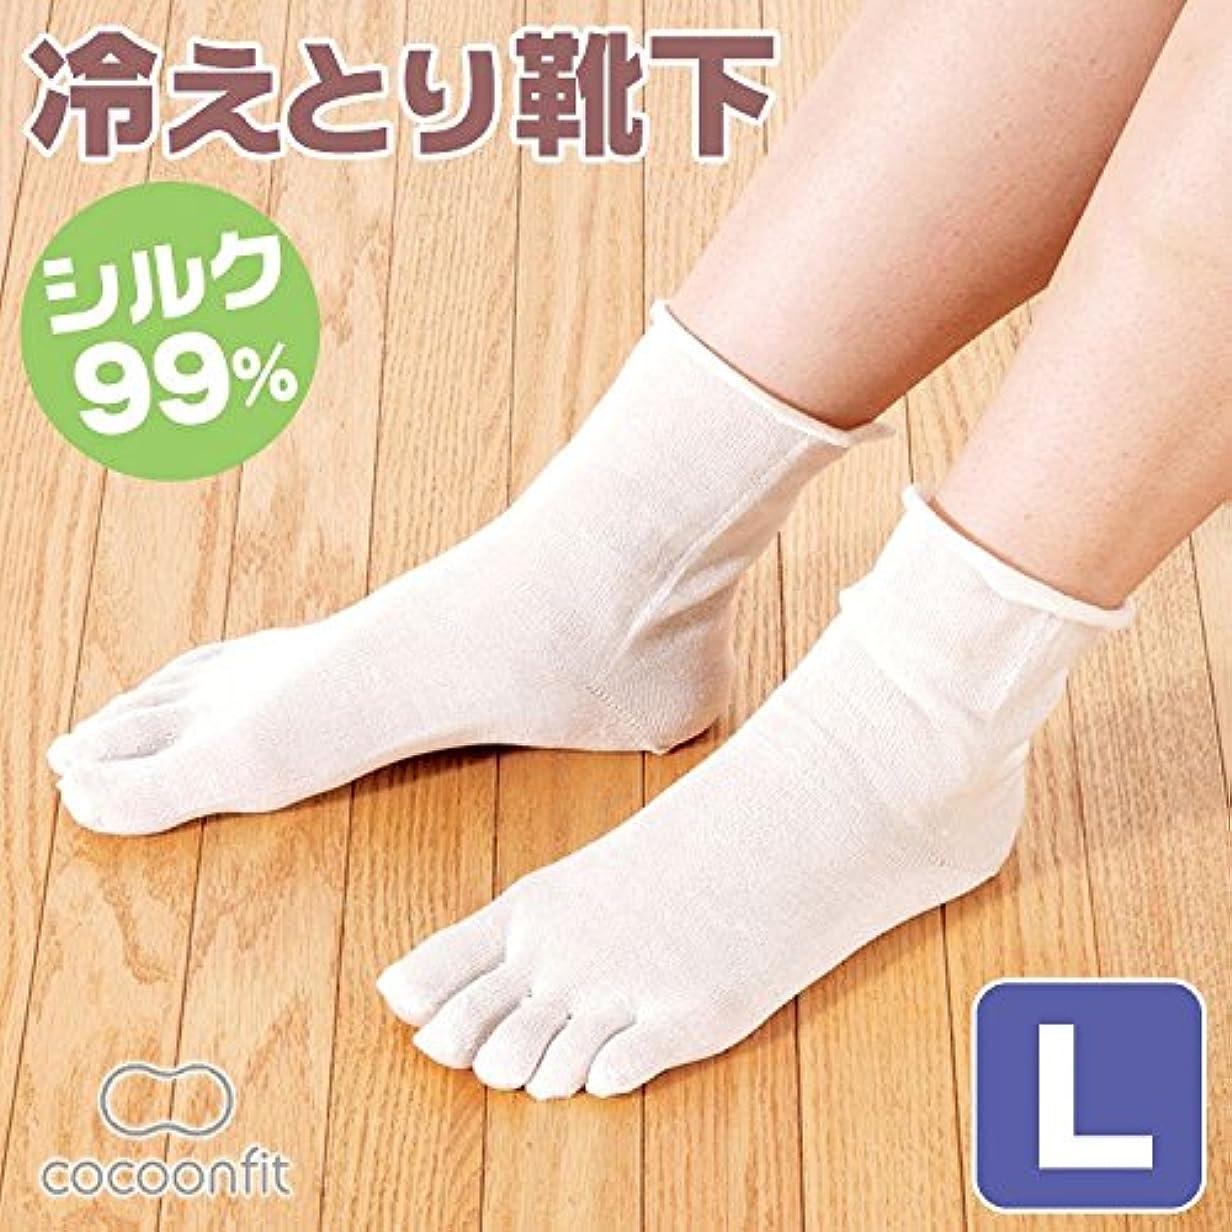 アクション鎮痛剤オープニング冷え取り靴下 5本指ソックス シルク[Lサイズ:25~27cm] ※重ね履き靴下の1枚目のみ cocoonfit